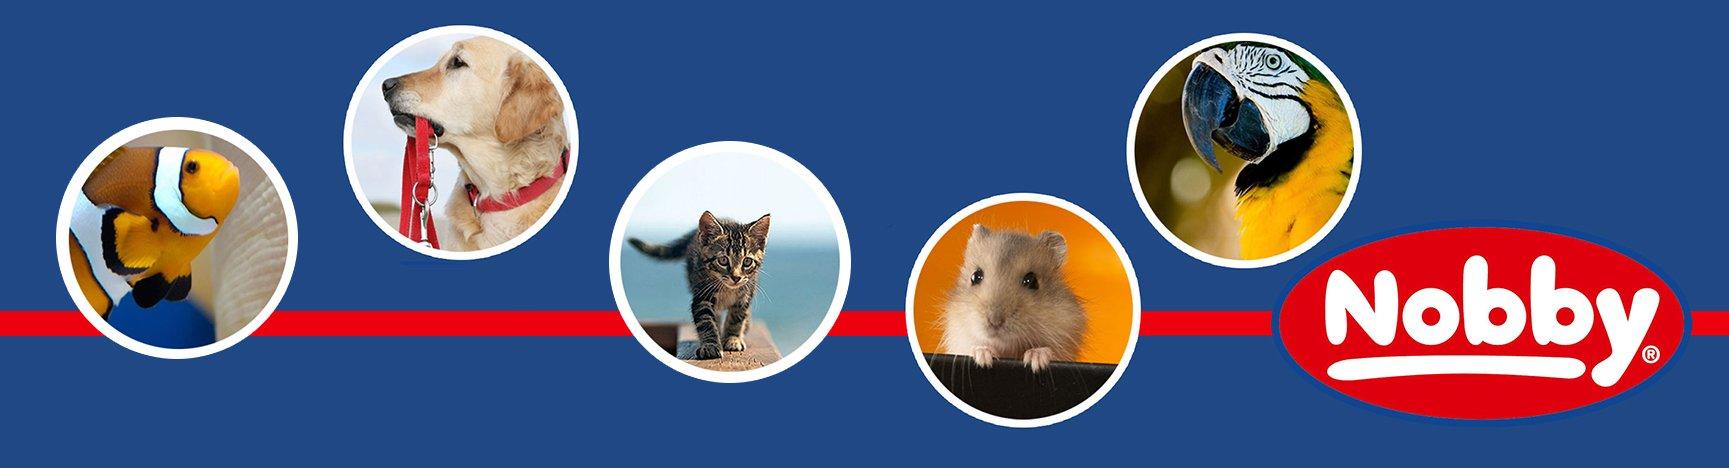 Nobby Tierbedarf und Tierzubehör im Onlineshop